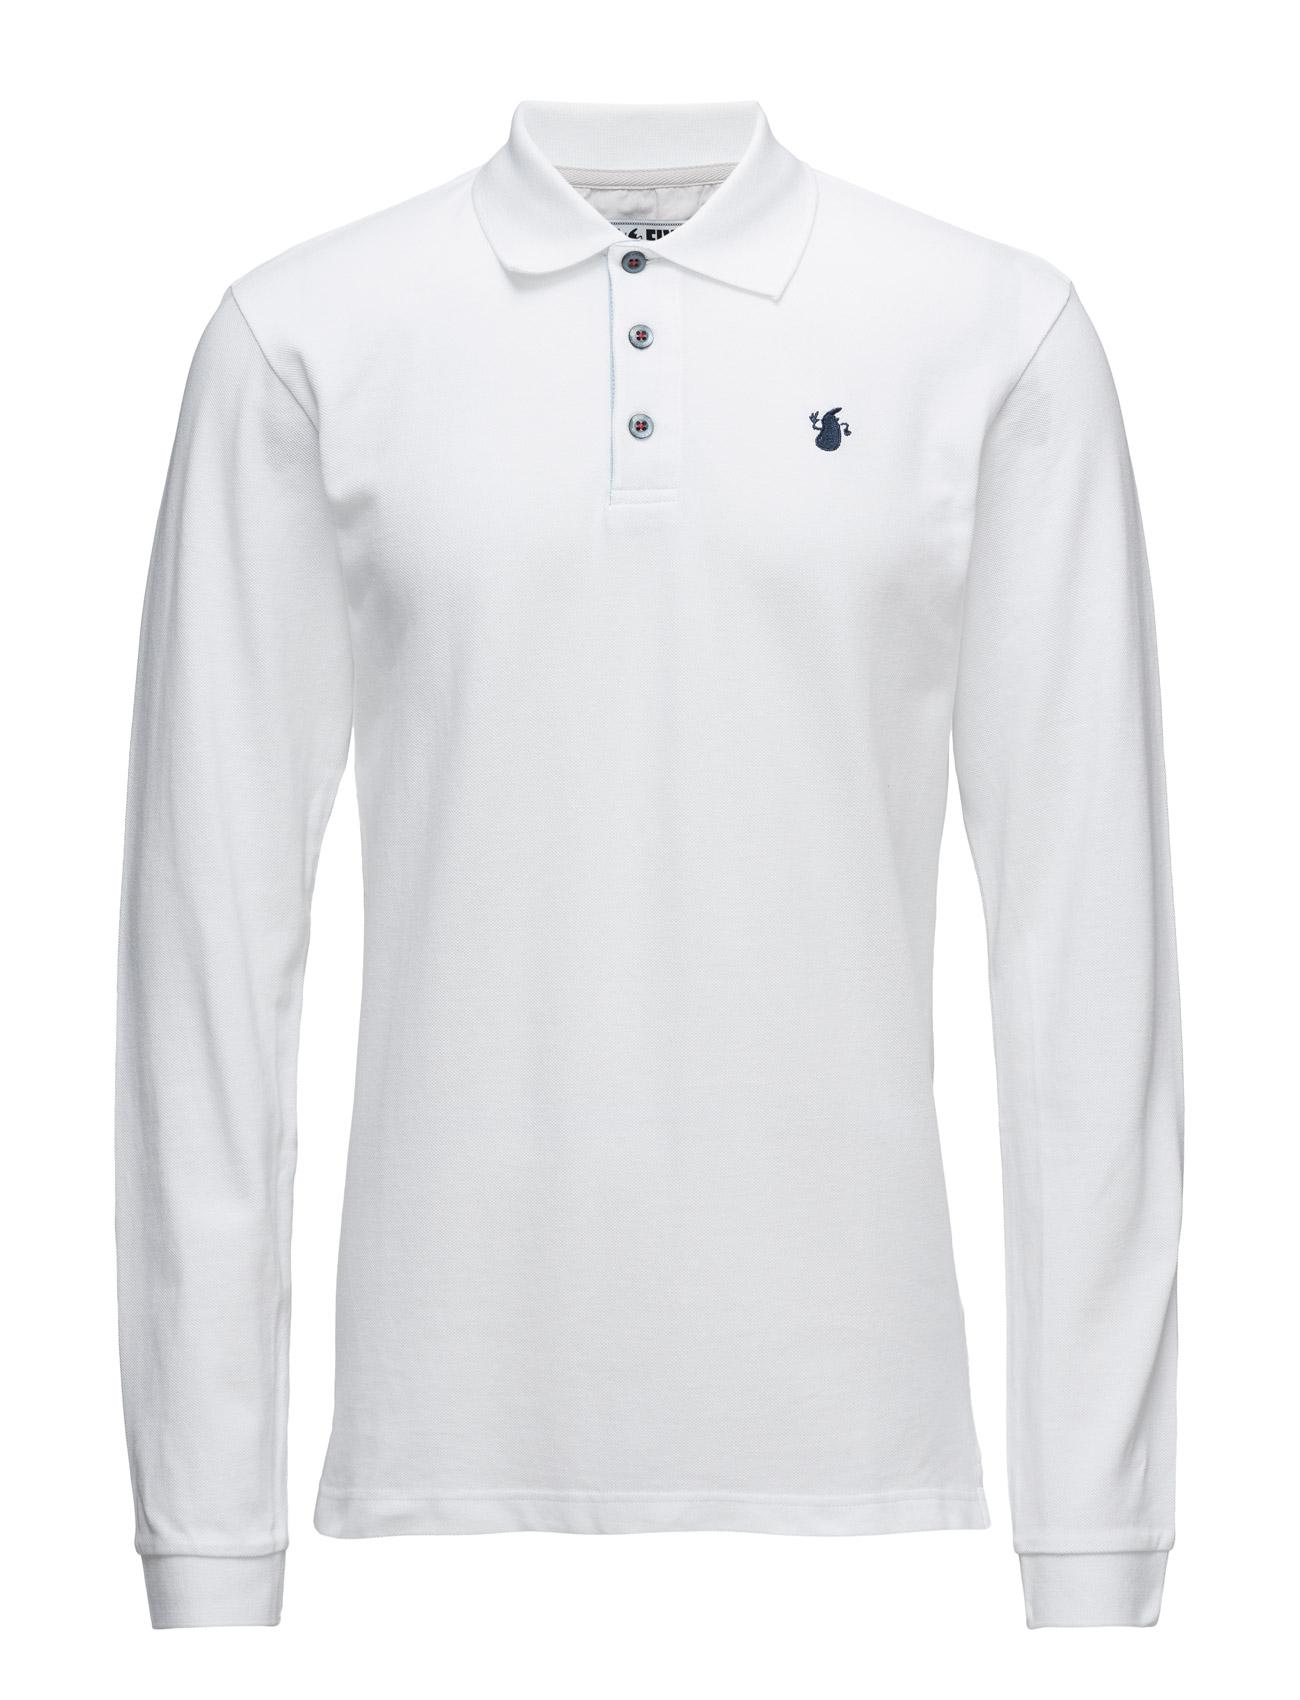 Polo Ls Le-Fix Længærmede polo t-shirts til Herrer i hvid